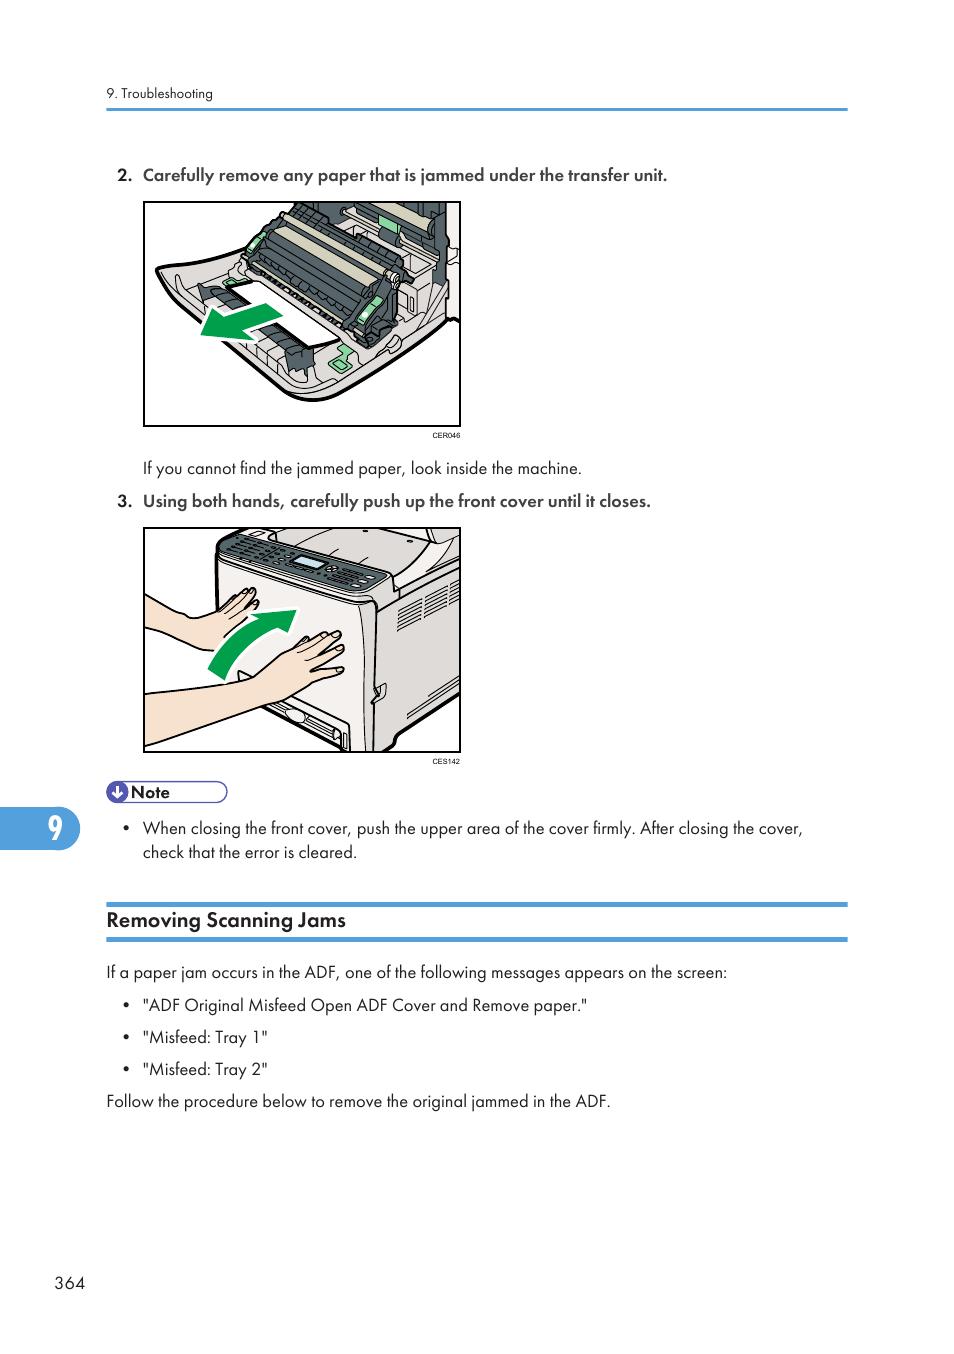 Removing scanning jams, 364